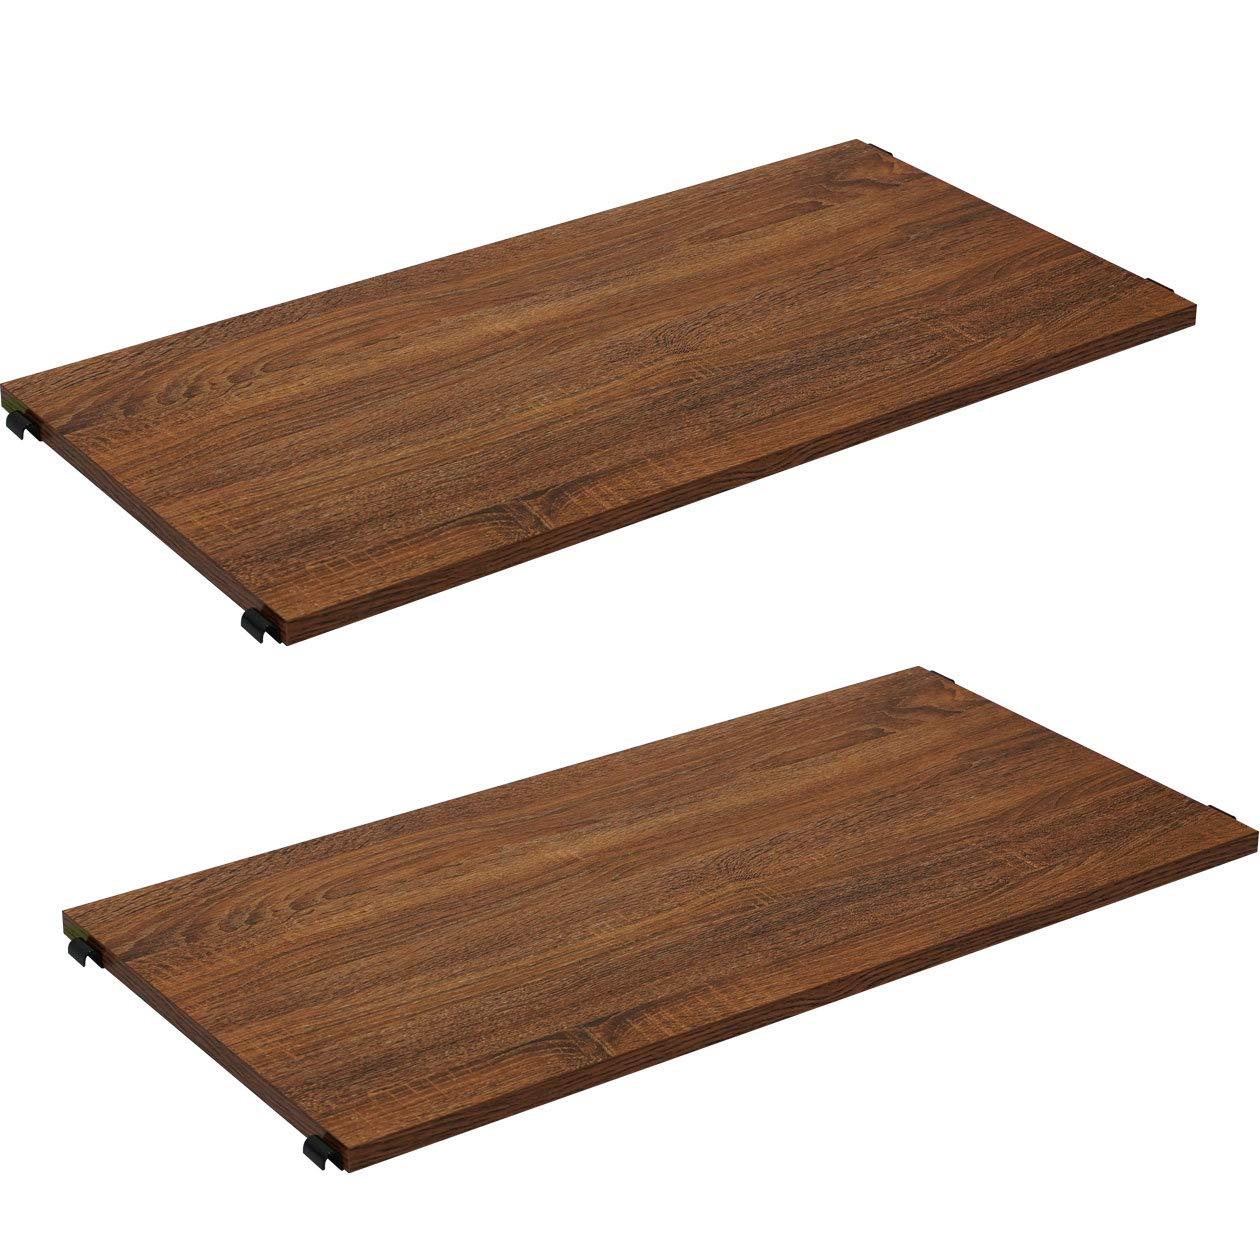 幅82㎝用追加棚板(2枚セット)